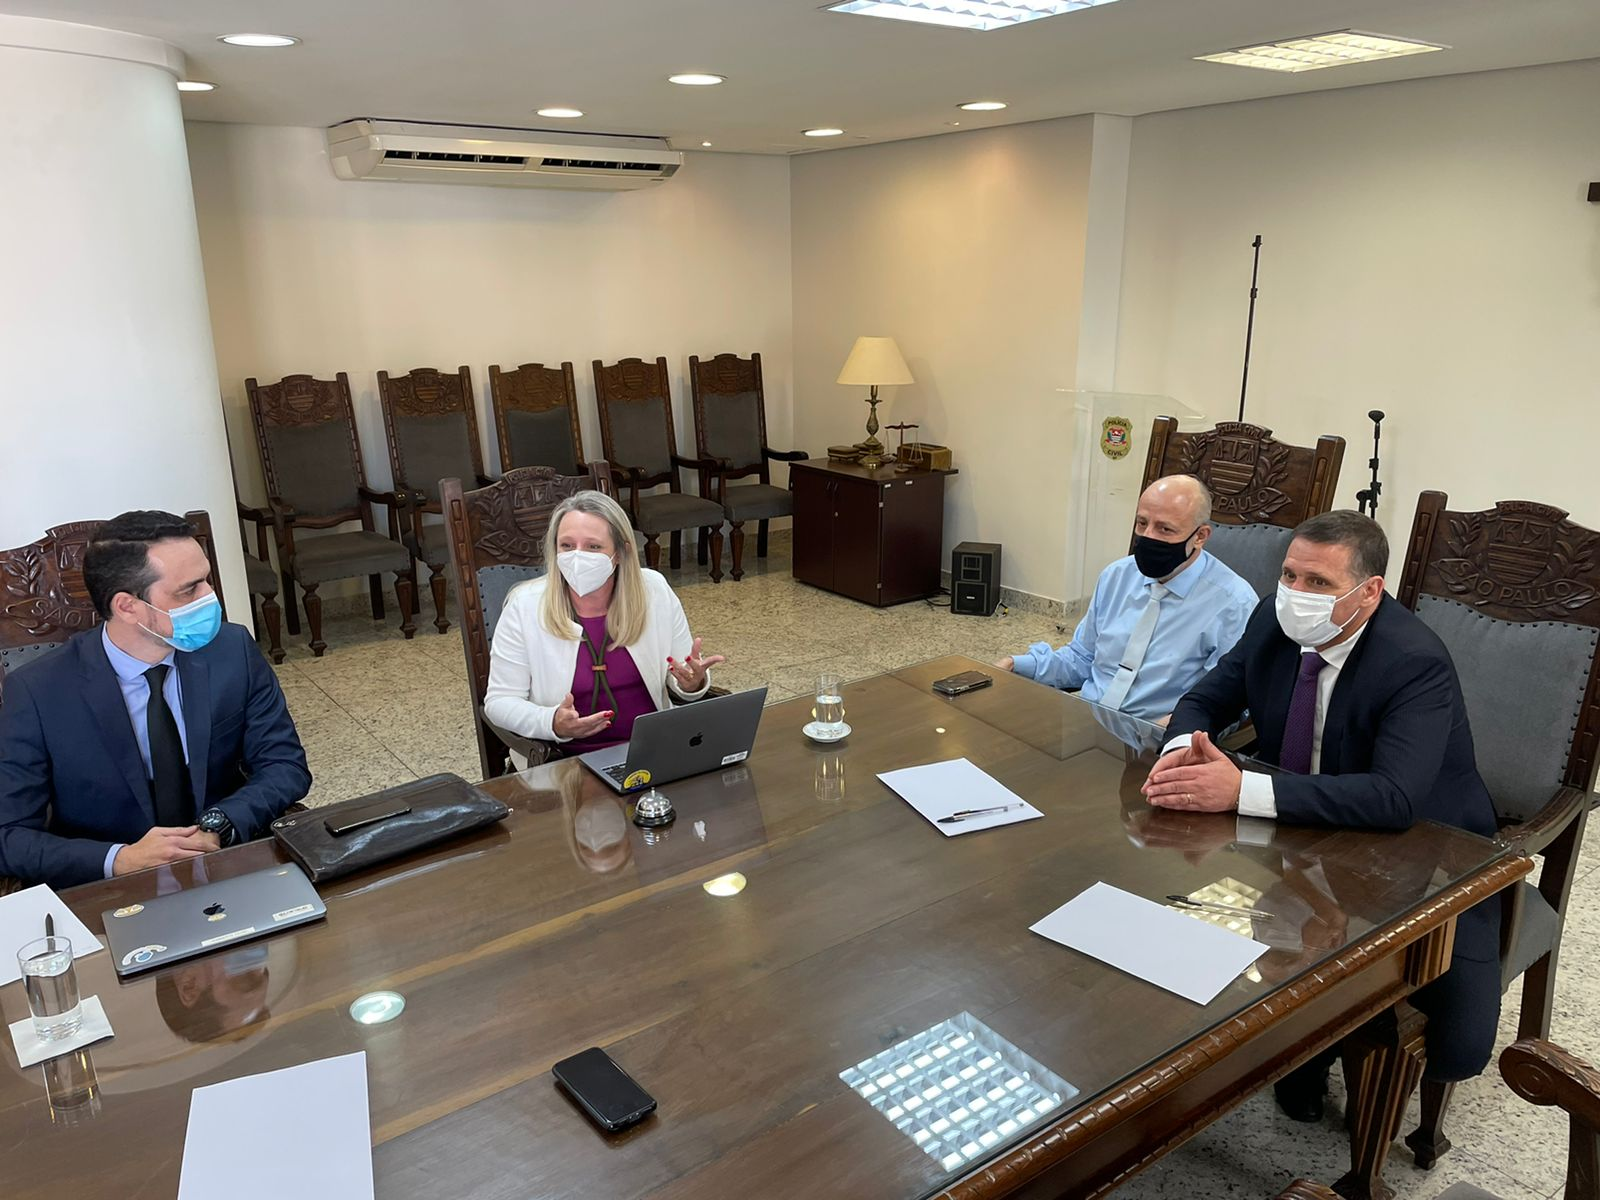 Reunião entre representantes do Procon-SP, Mercado Livre e Polícia Civil para discutir acordo de cooperação